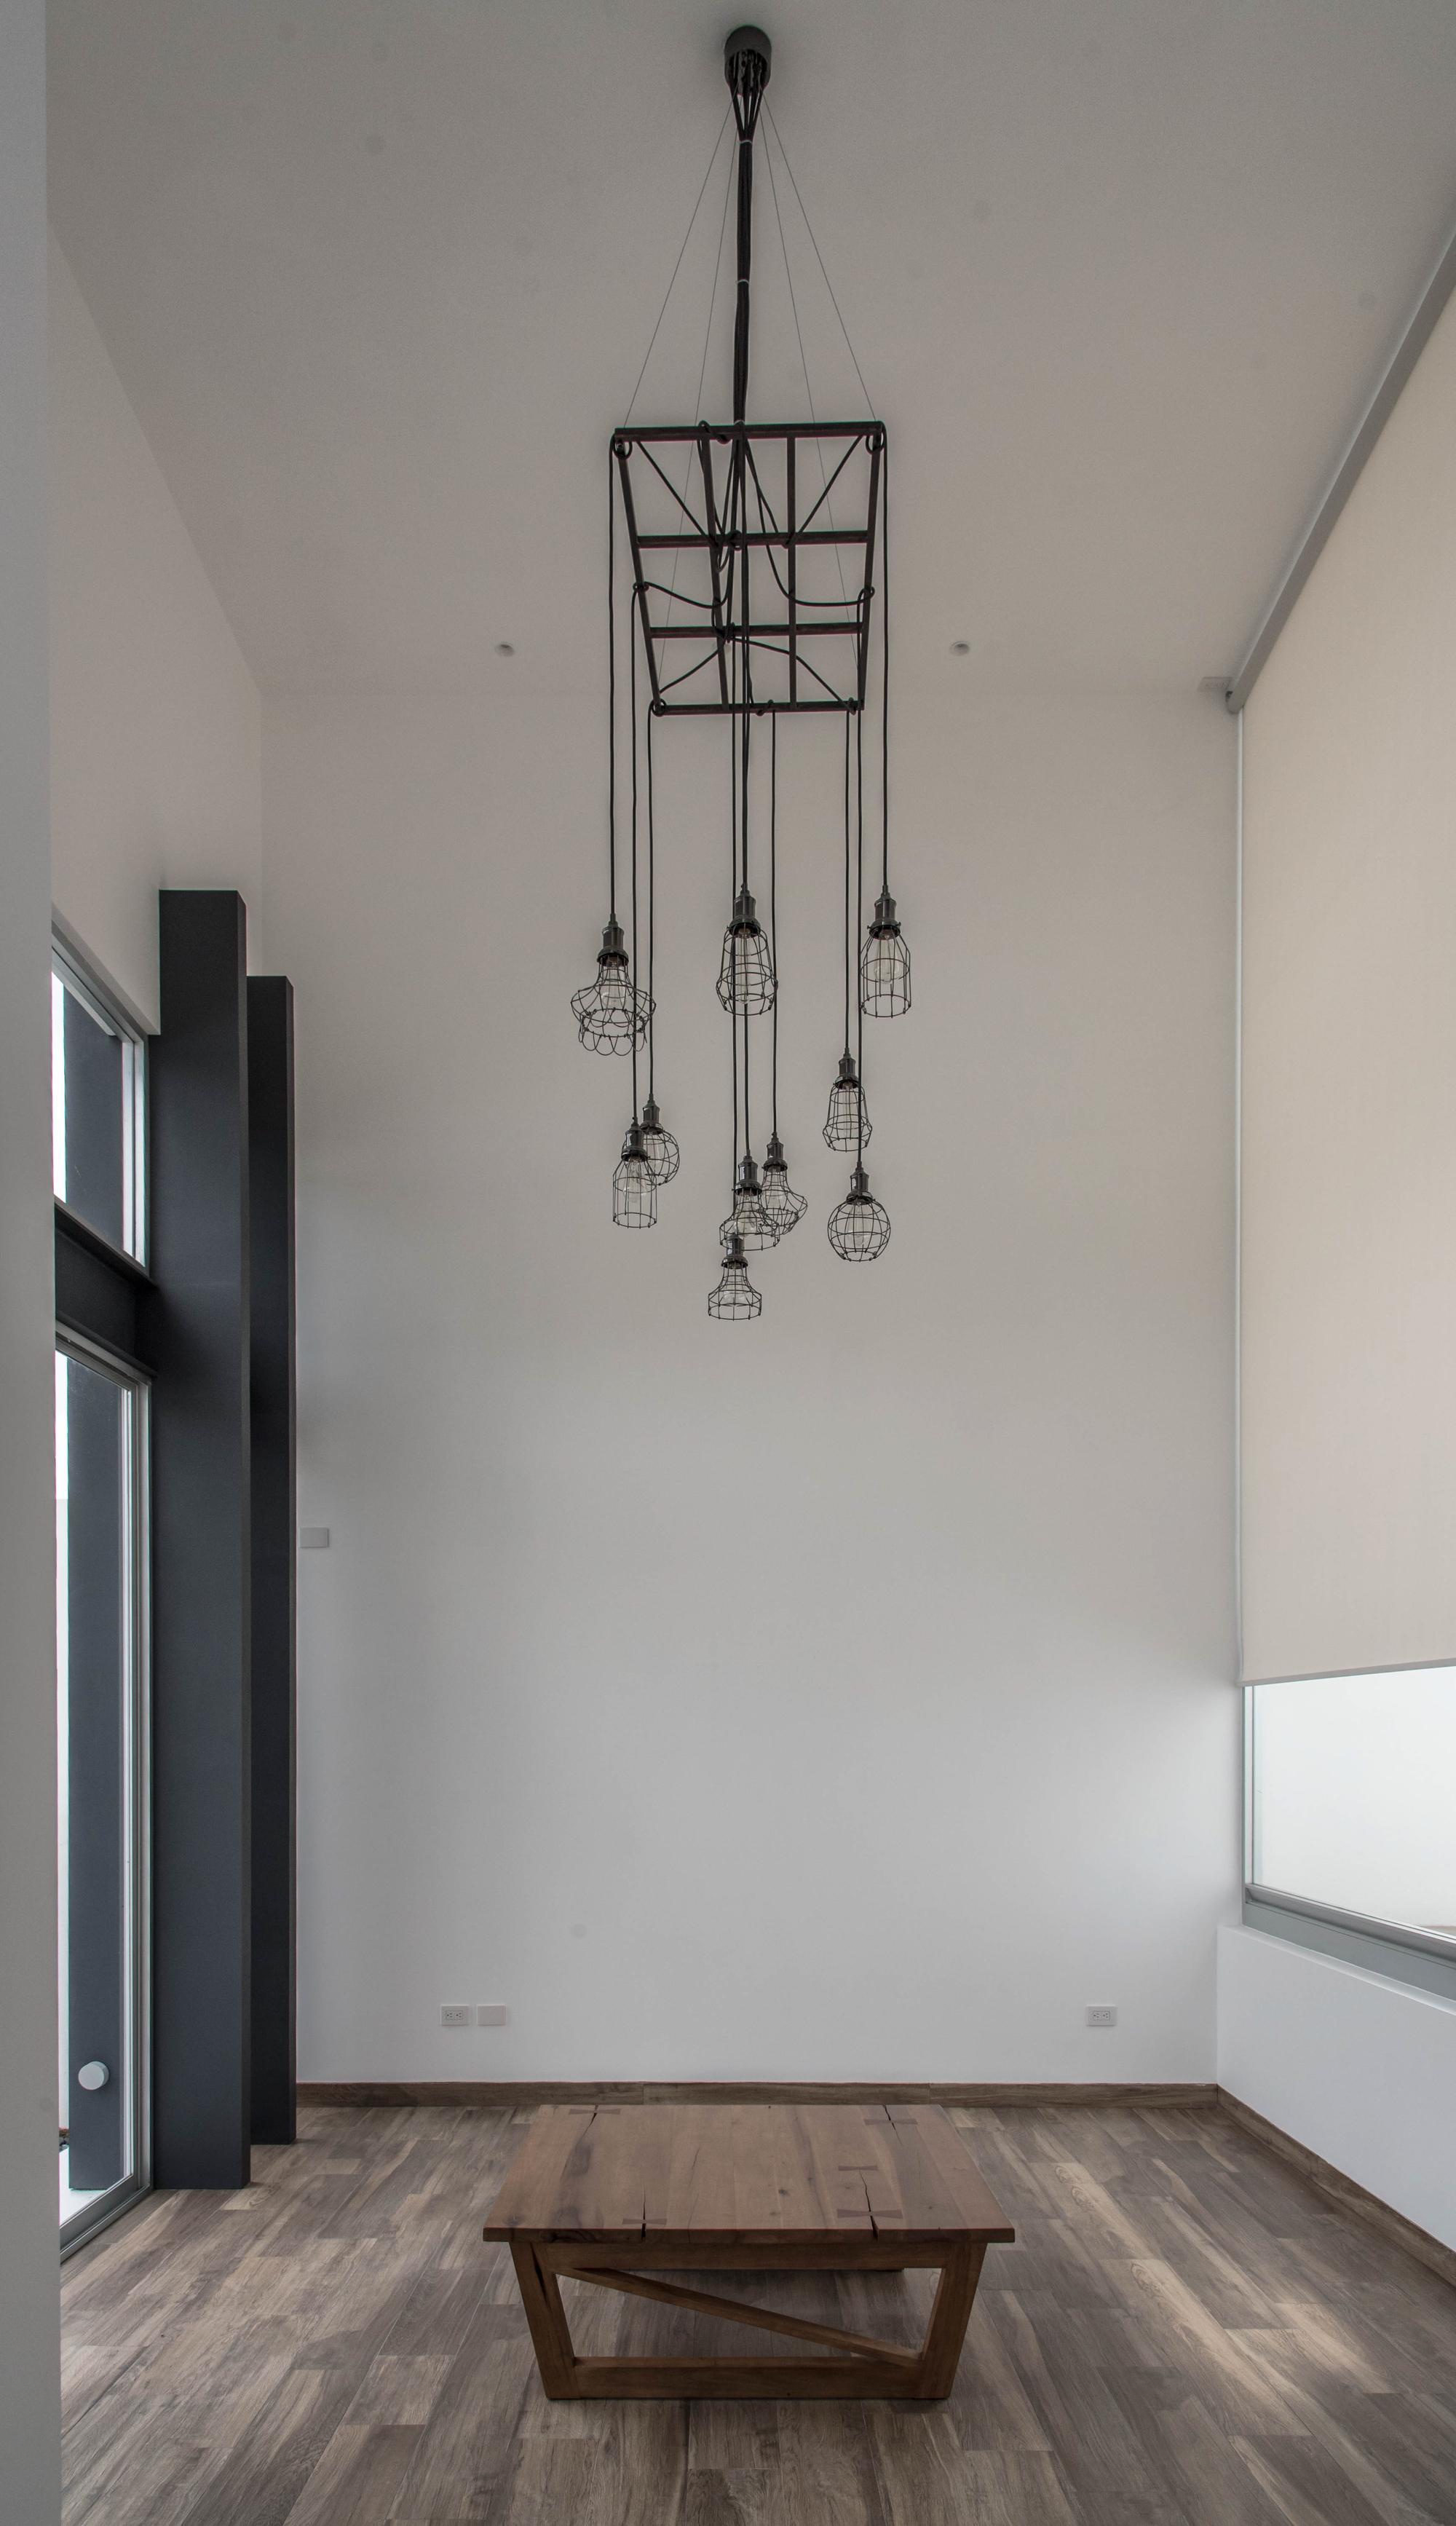 Galer a de casa r p adi arquitectura y dise o interior 19 for Arquitectura y diseno interior